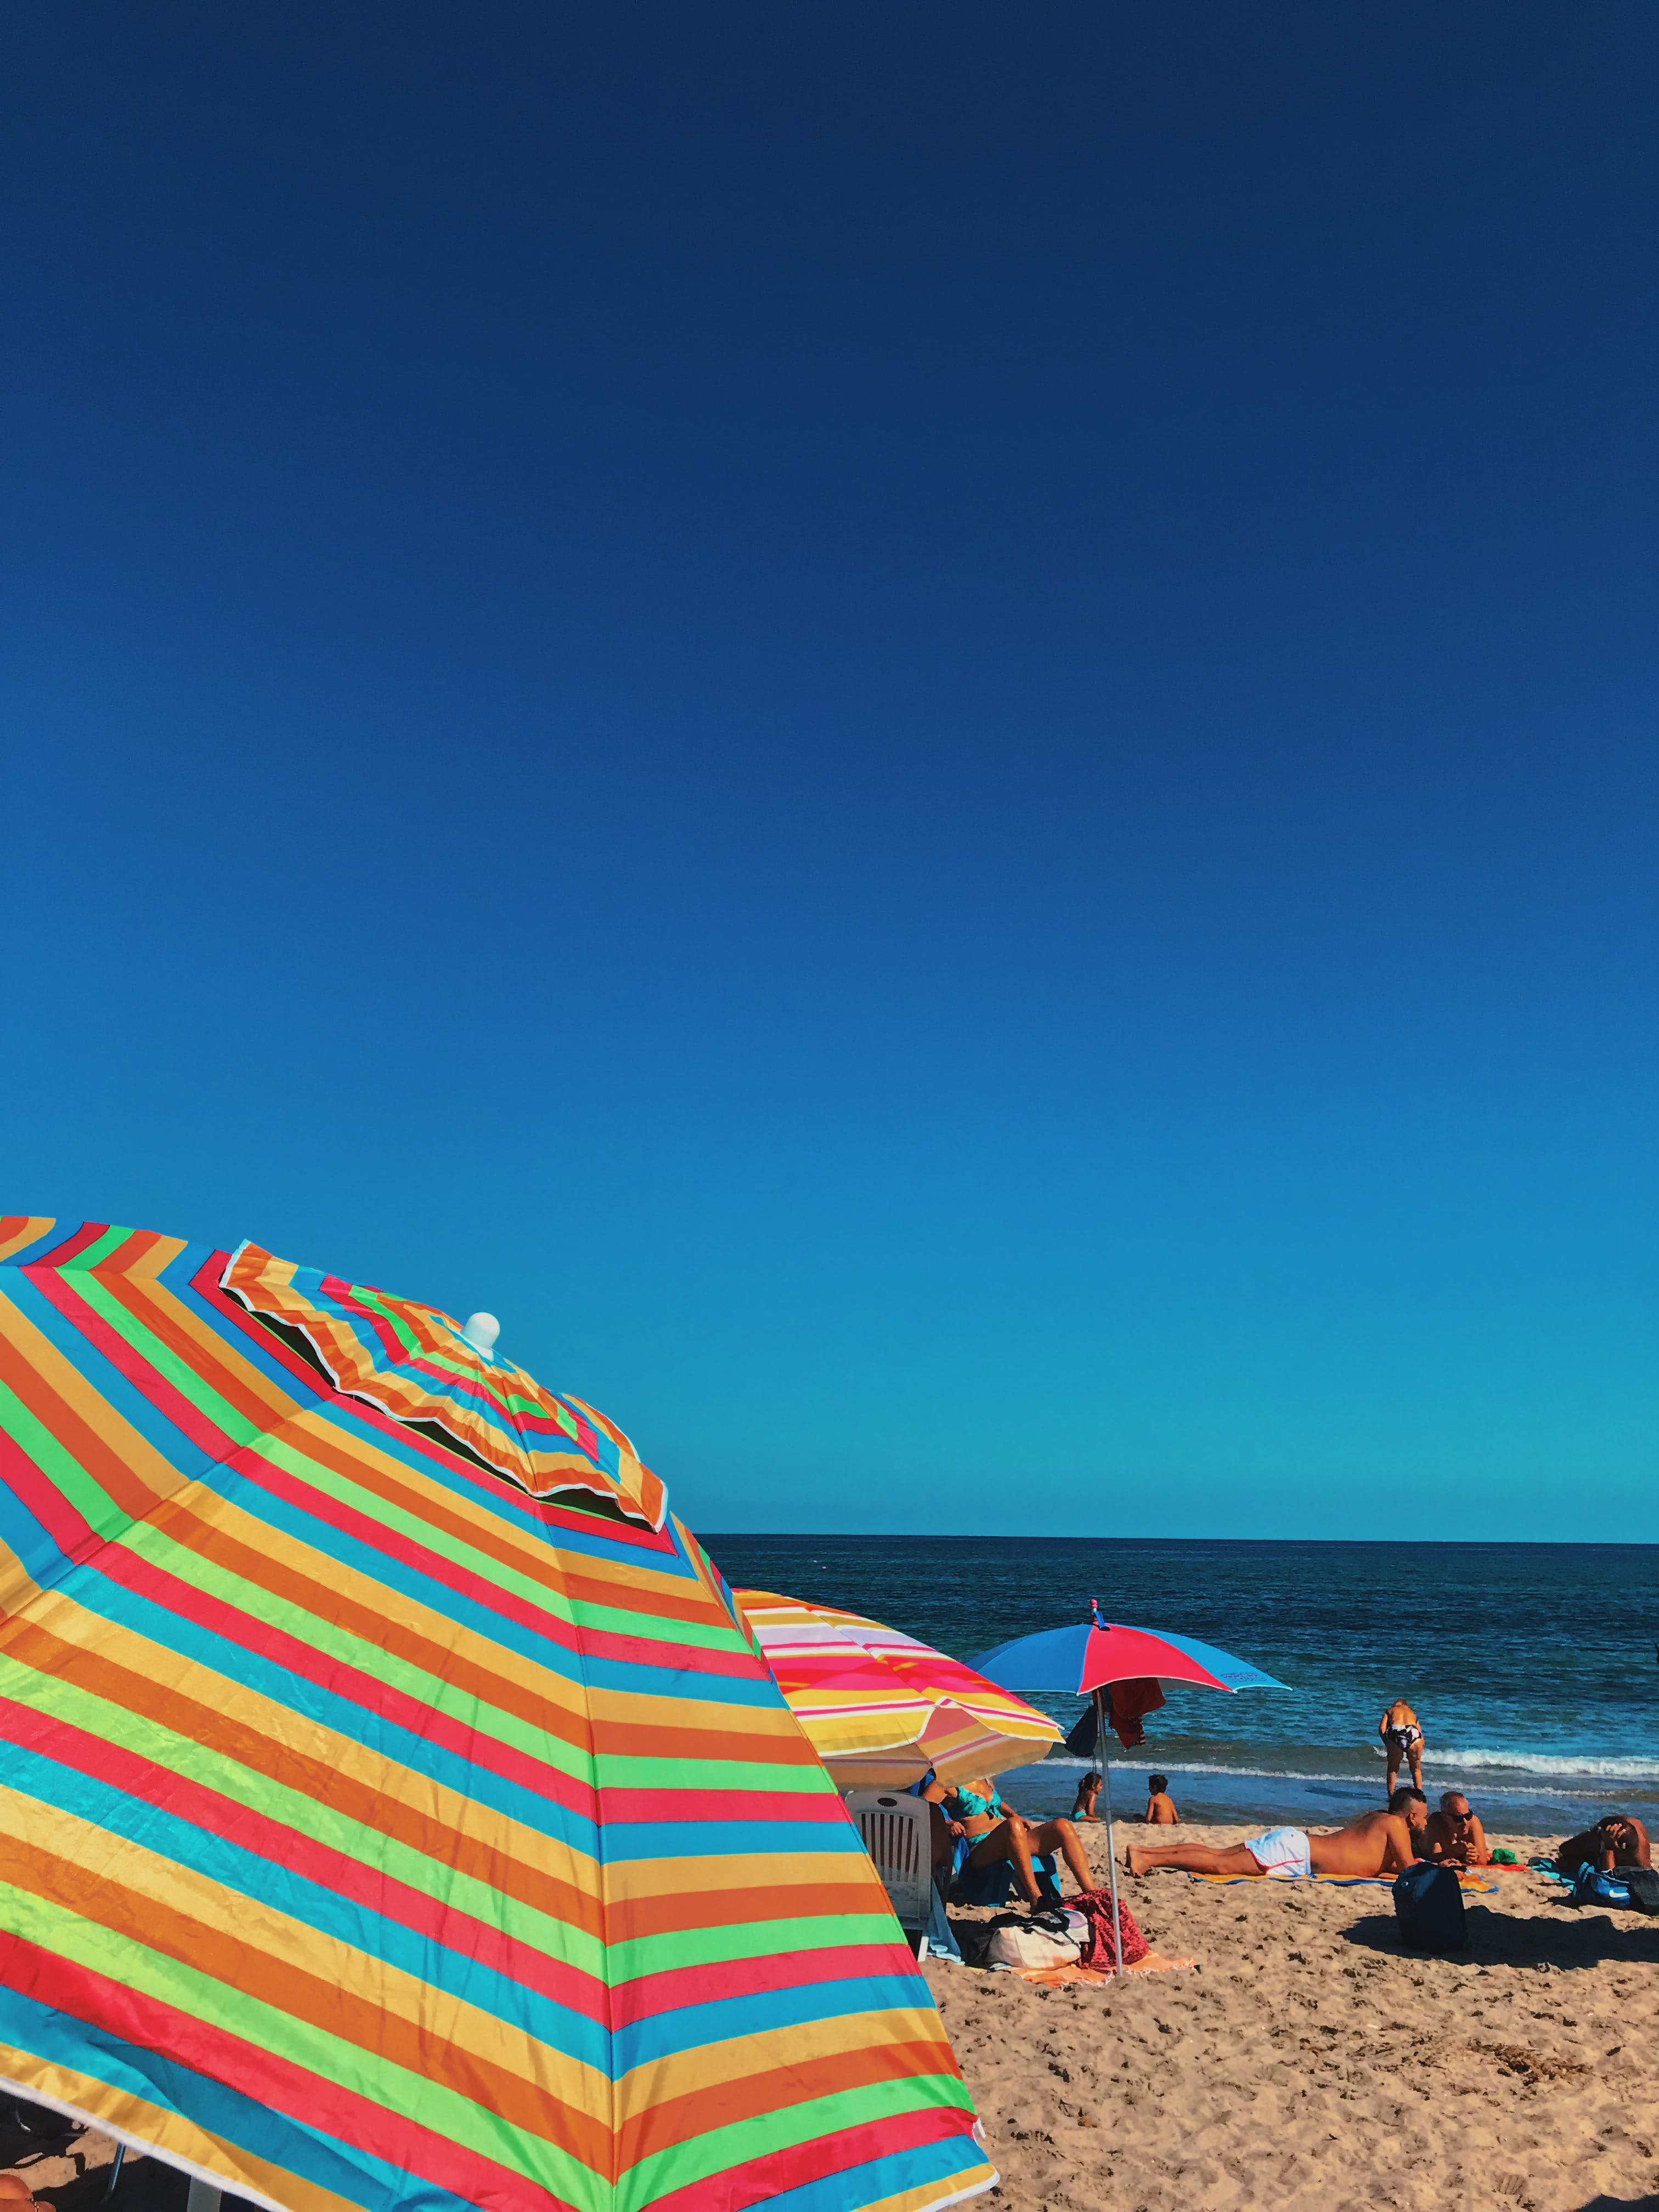 deniz, gün ışığı, güneşli, insanlar içeren Ücretsiz stok fotoğraf